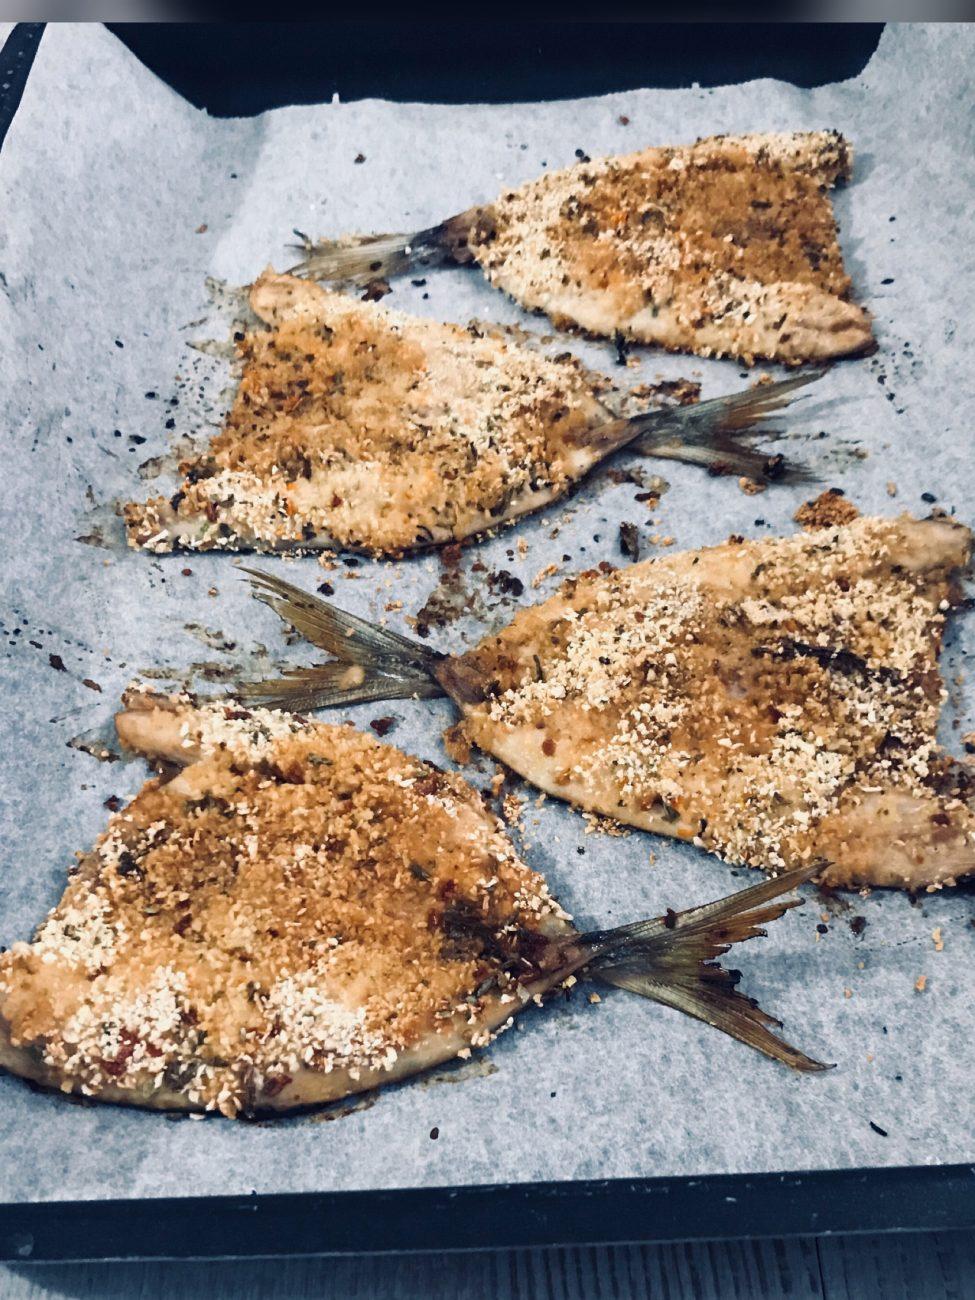 Pesce azzurro vestito a festa in panatura saporita